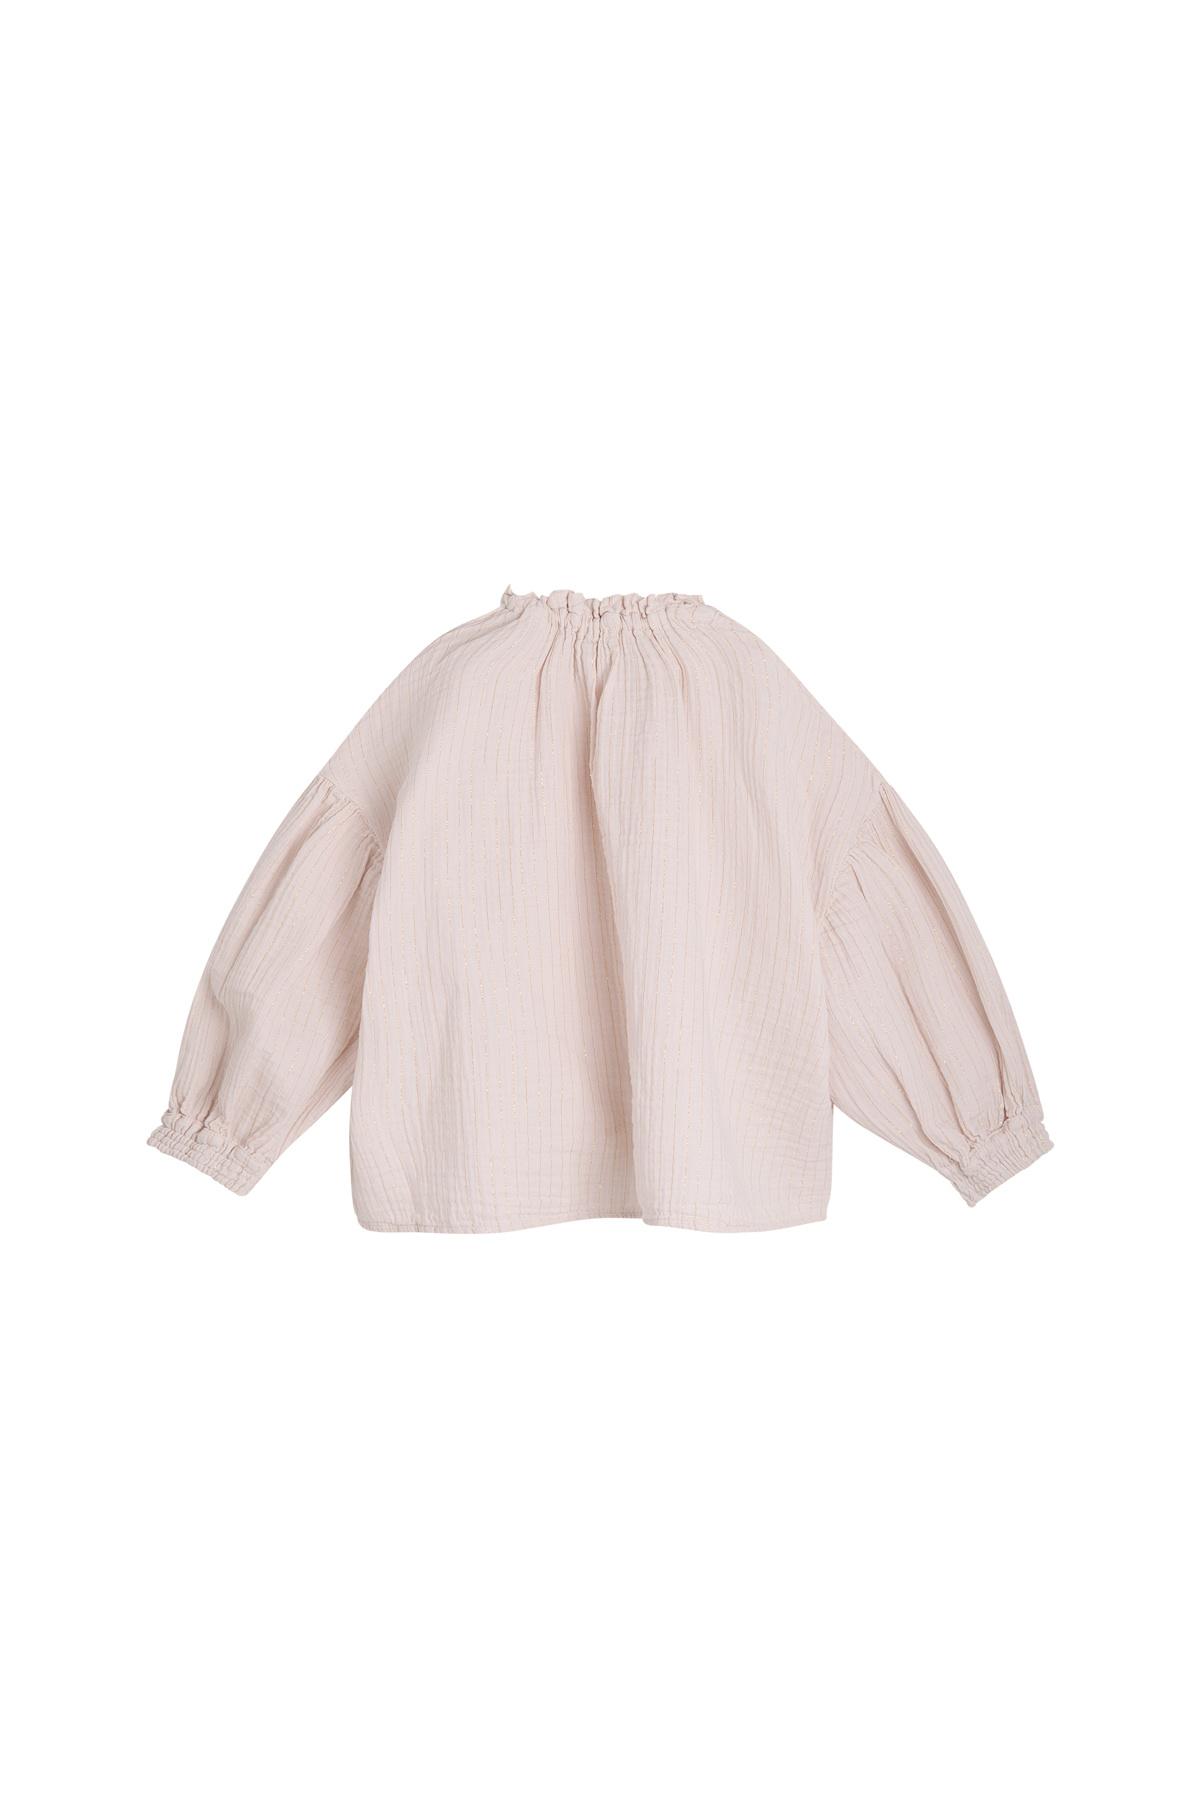 Olivia blouse - Blush-2